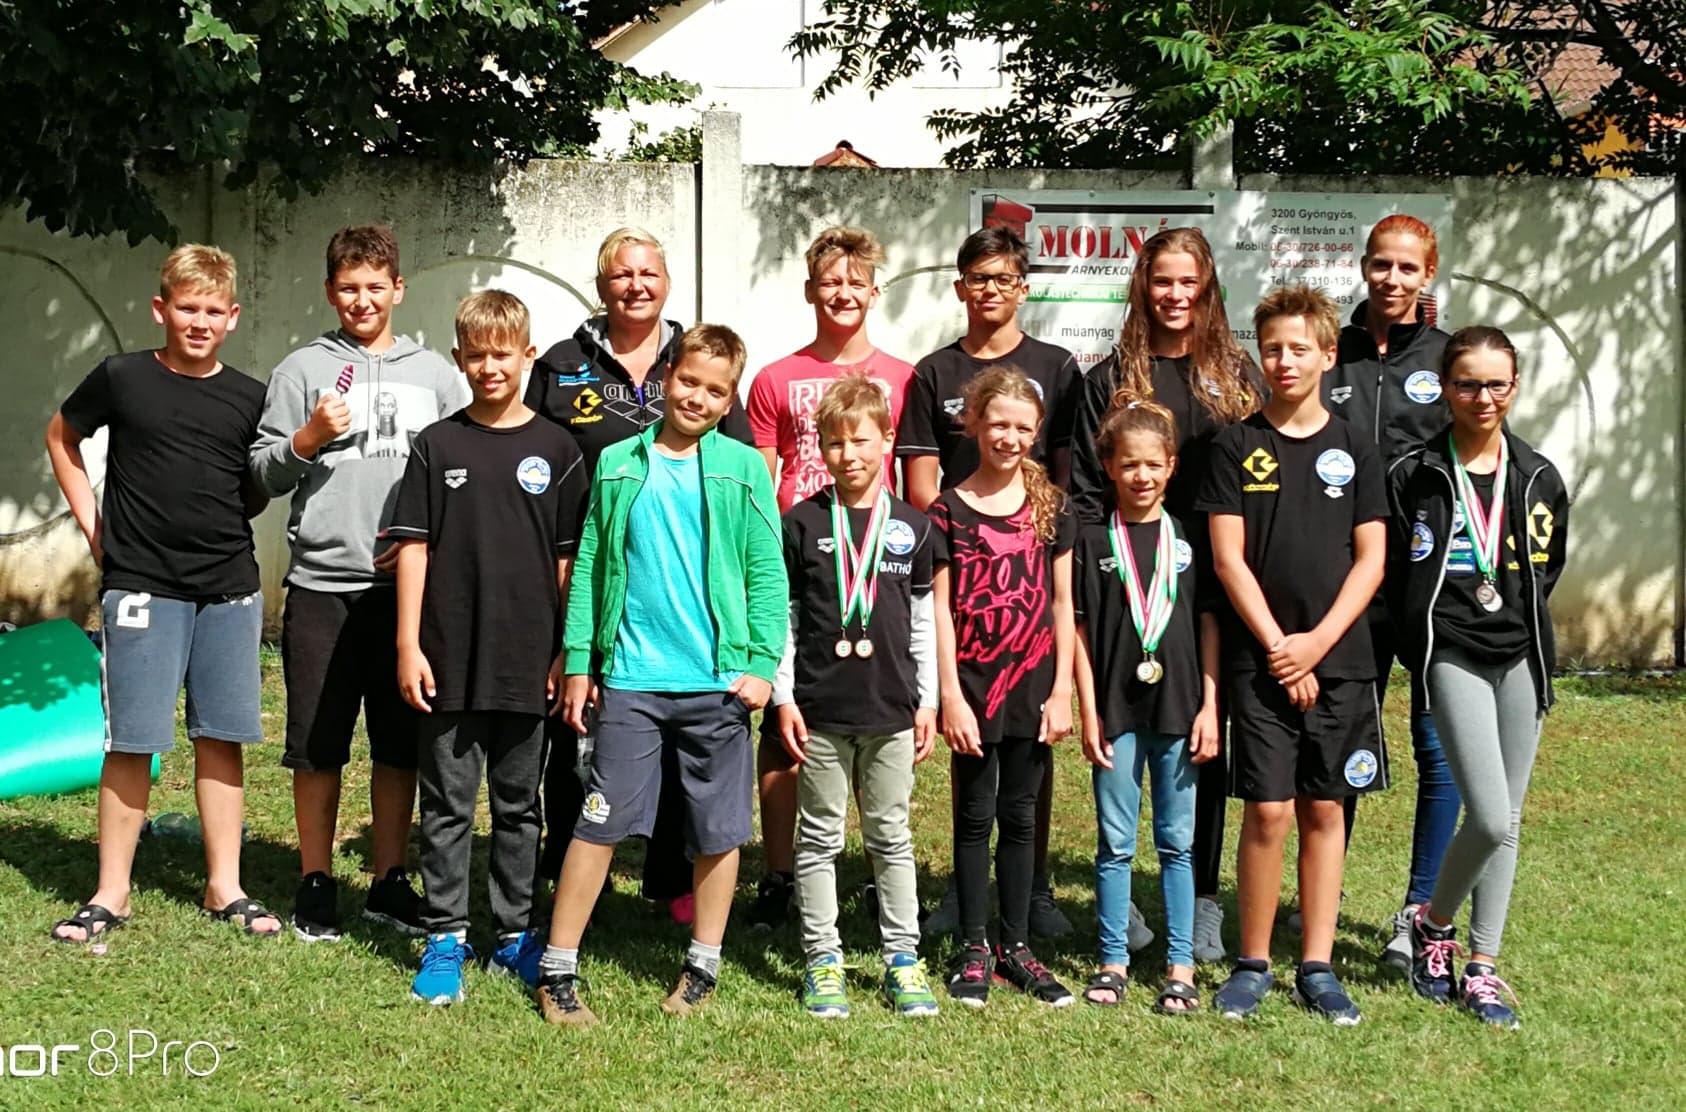 Tizennyolc érmet szereztek a szolnoki úszók